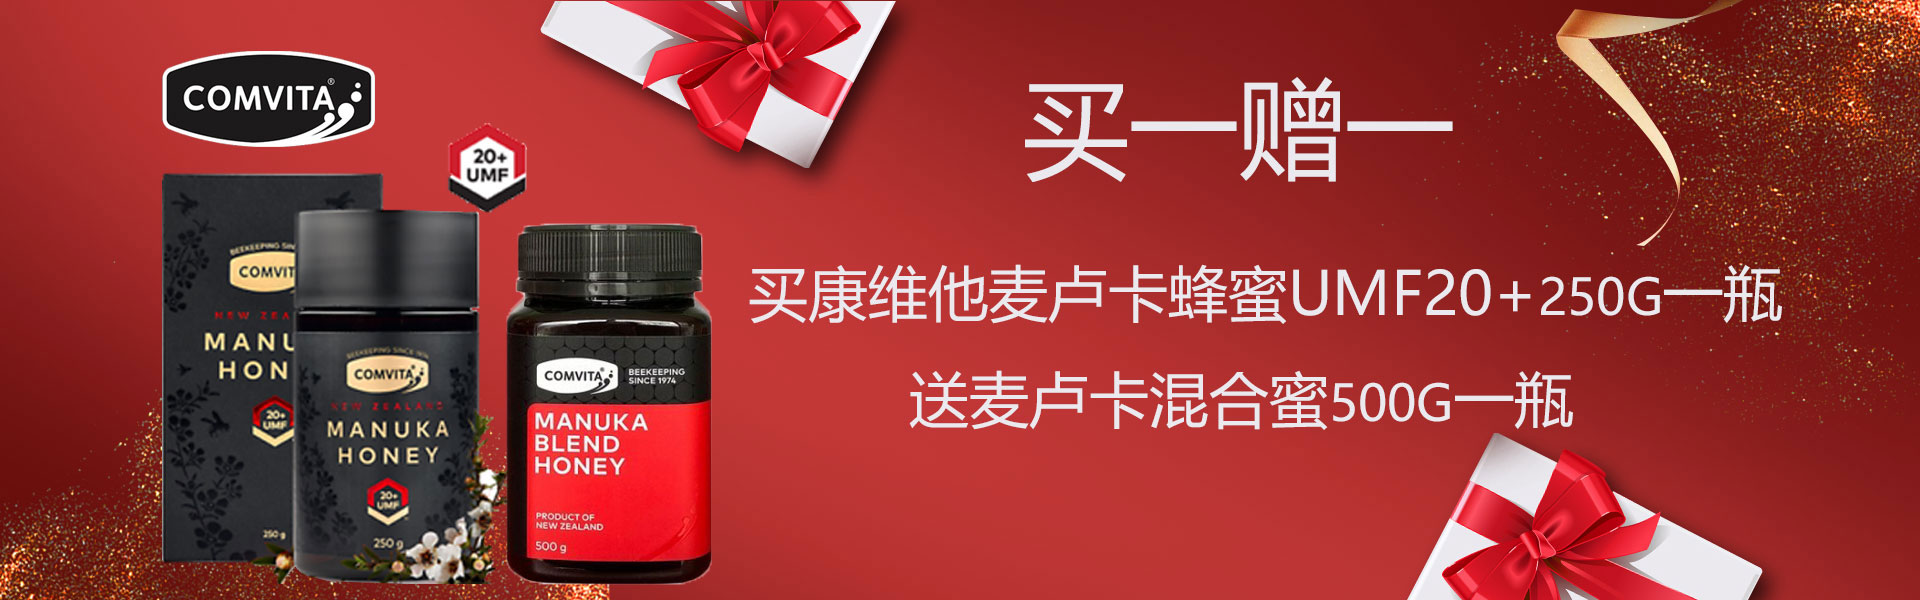 康维他蜂蜜UMF20+-250g 买1送混合蜜500g1瓶